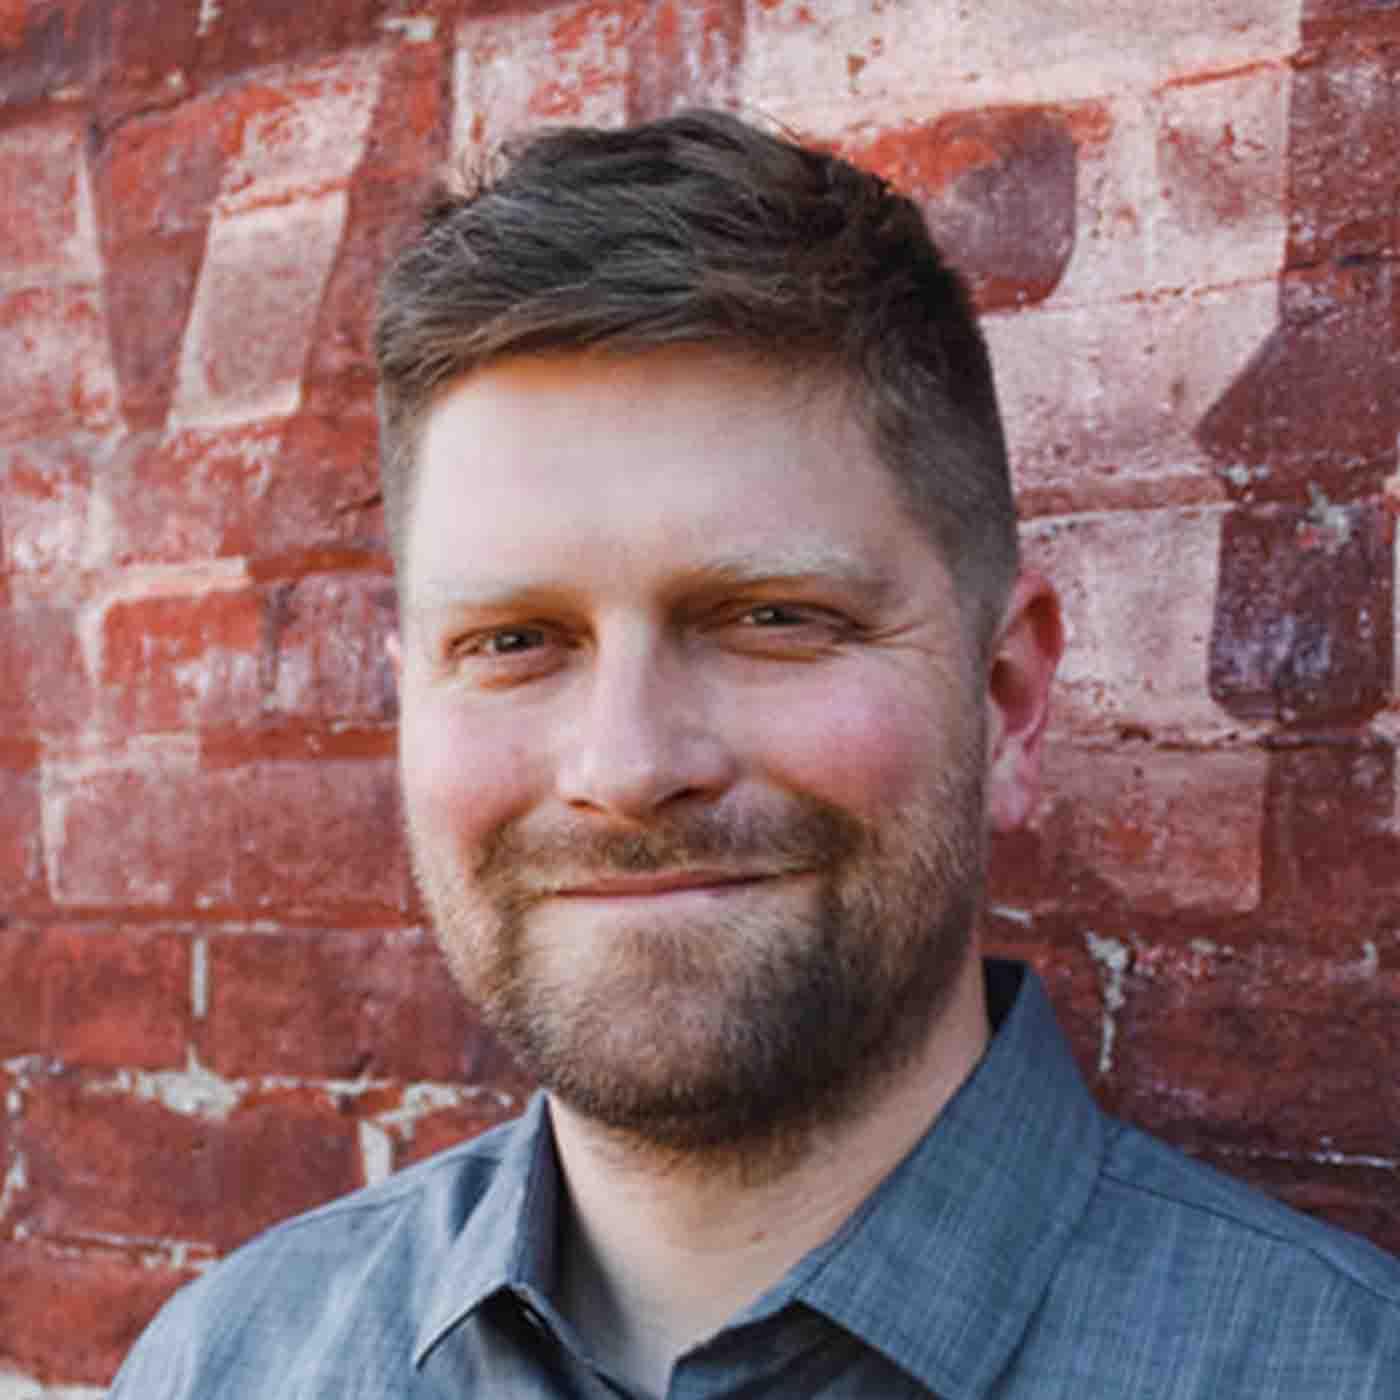 Matthew F. Shilts